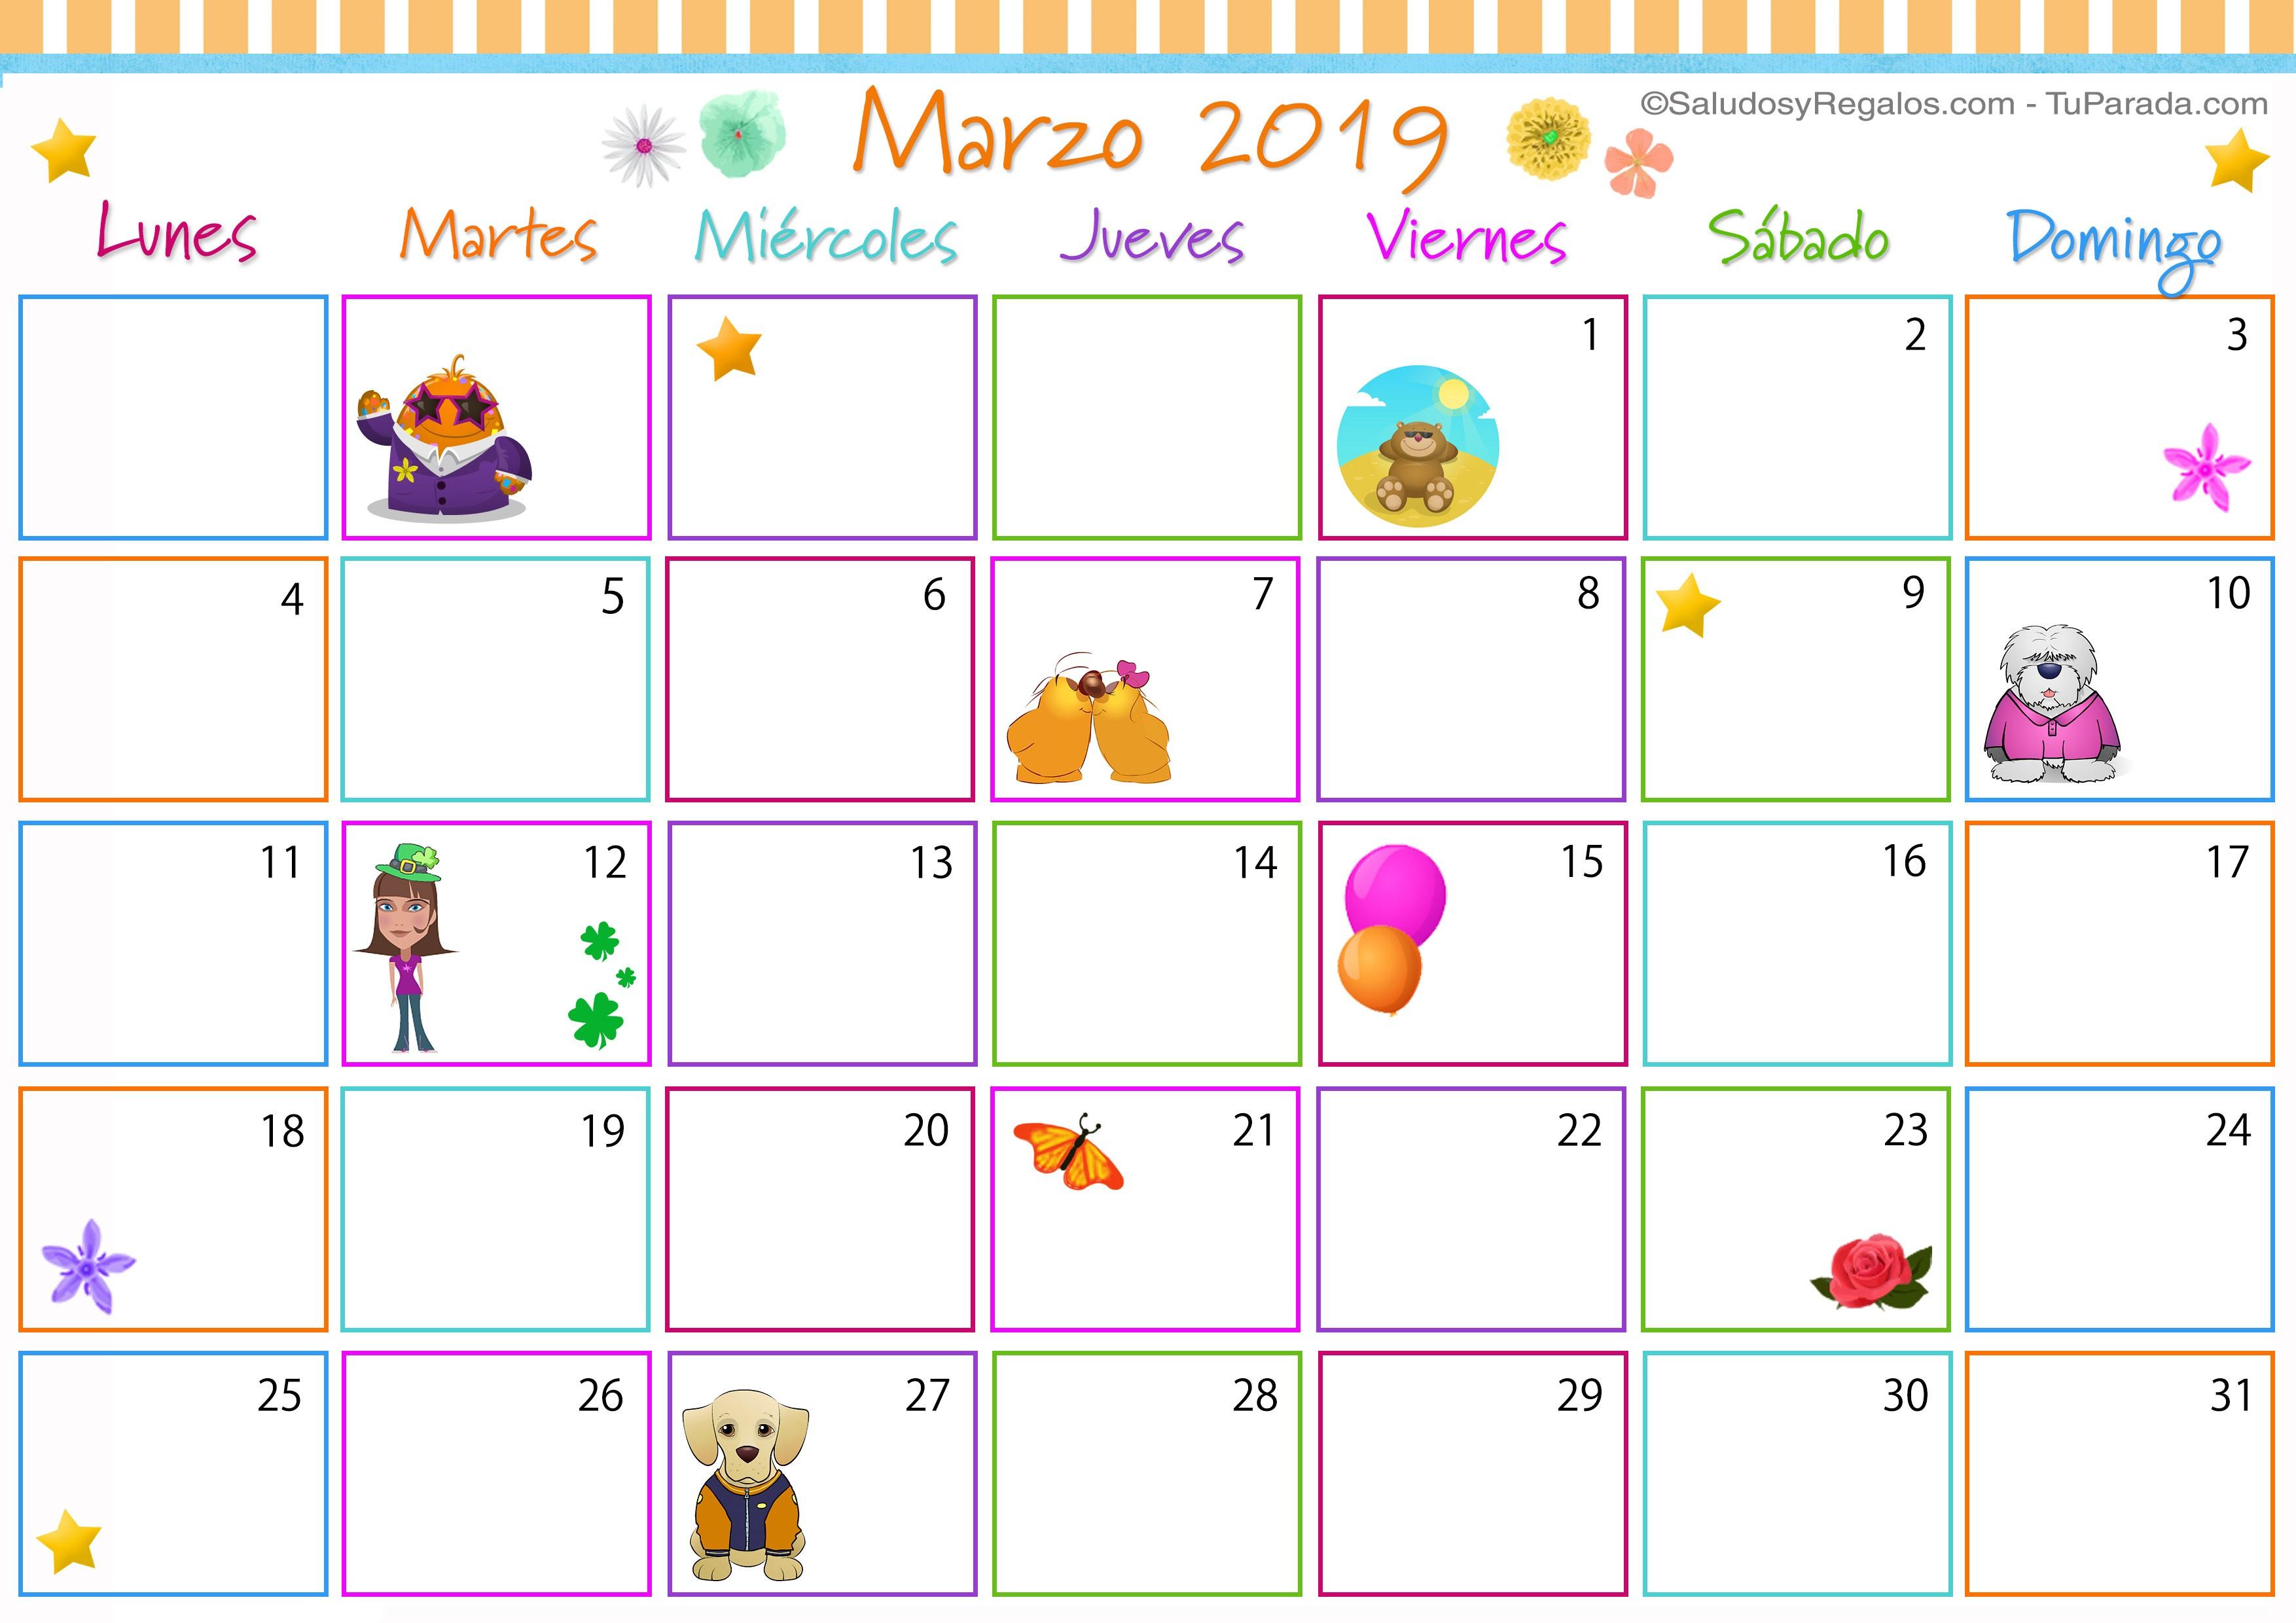 Calendario 2019 Abril Y Mayo Más Recientes Calendario Marzo 2019 Argentina Para Imprimir Of Calendario 2019 Abril Y Mayo Más Recientes Calendario Marzo 2019 Argentina Para Imprimir